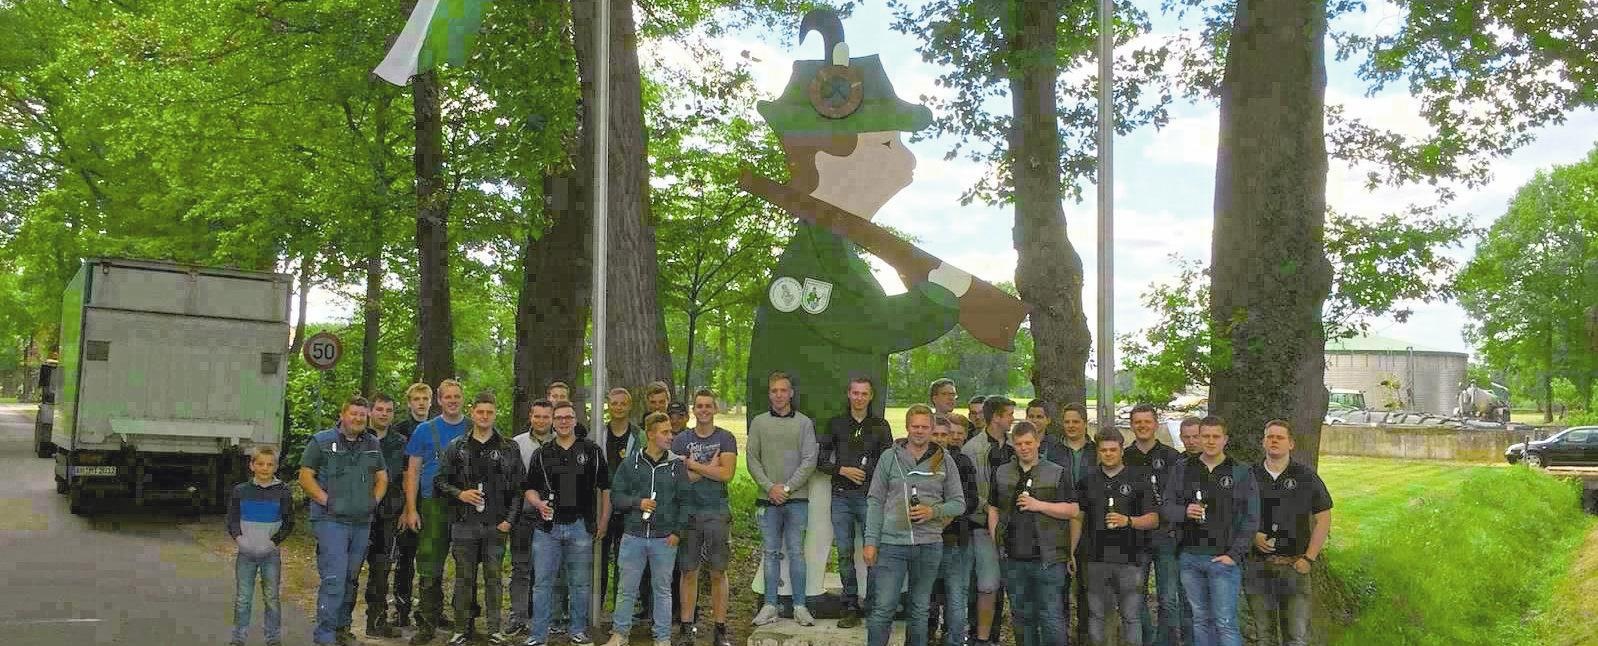 """""""Hartmut"""" wird abwechselnd von den Jungschützen St. Katharina und Hubertus zu den jeweiligen Schützenfesten gebaut. Foto: privat"""